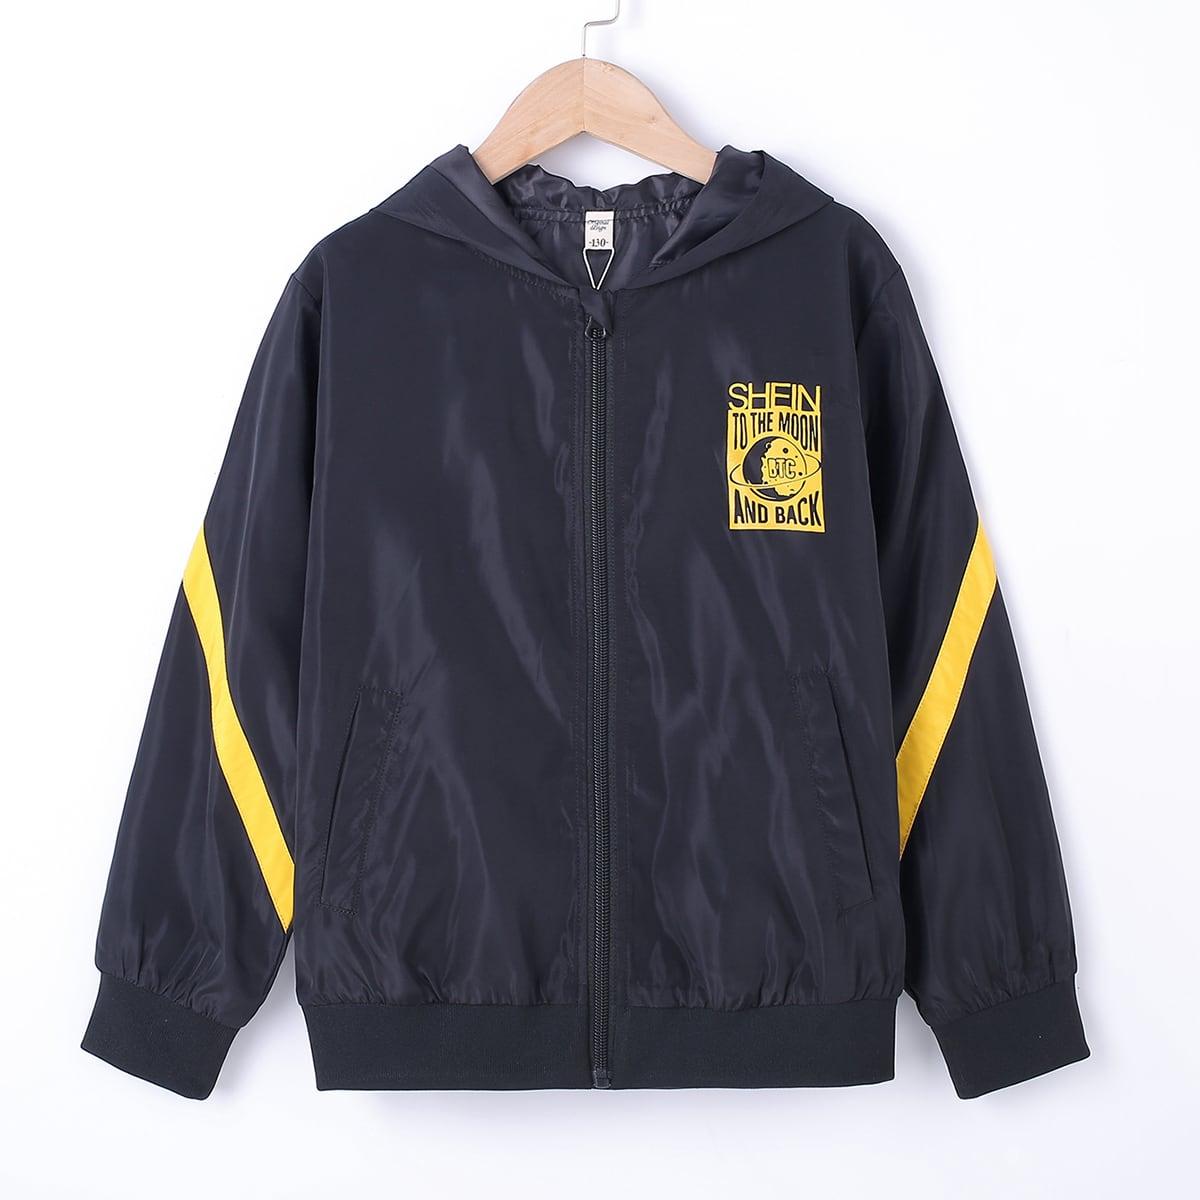 Куртка-ветровка с текстовым и графическим принтом для мальчиков от SHEIN